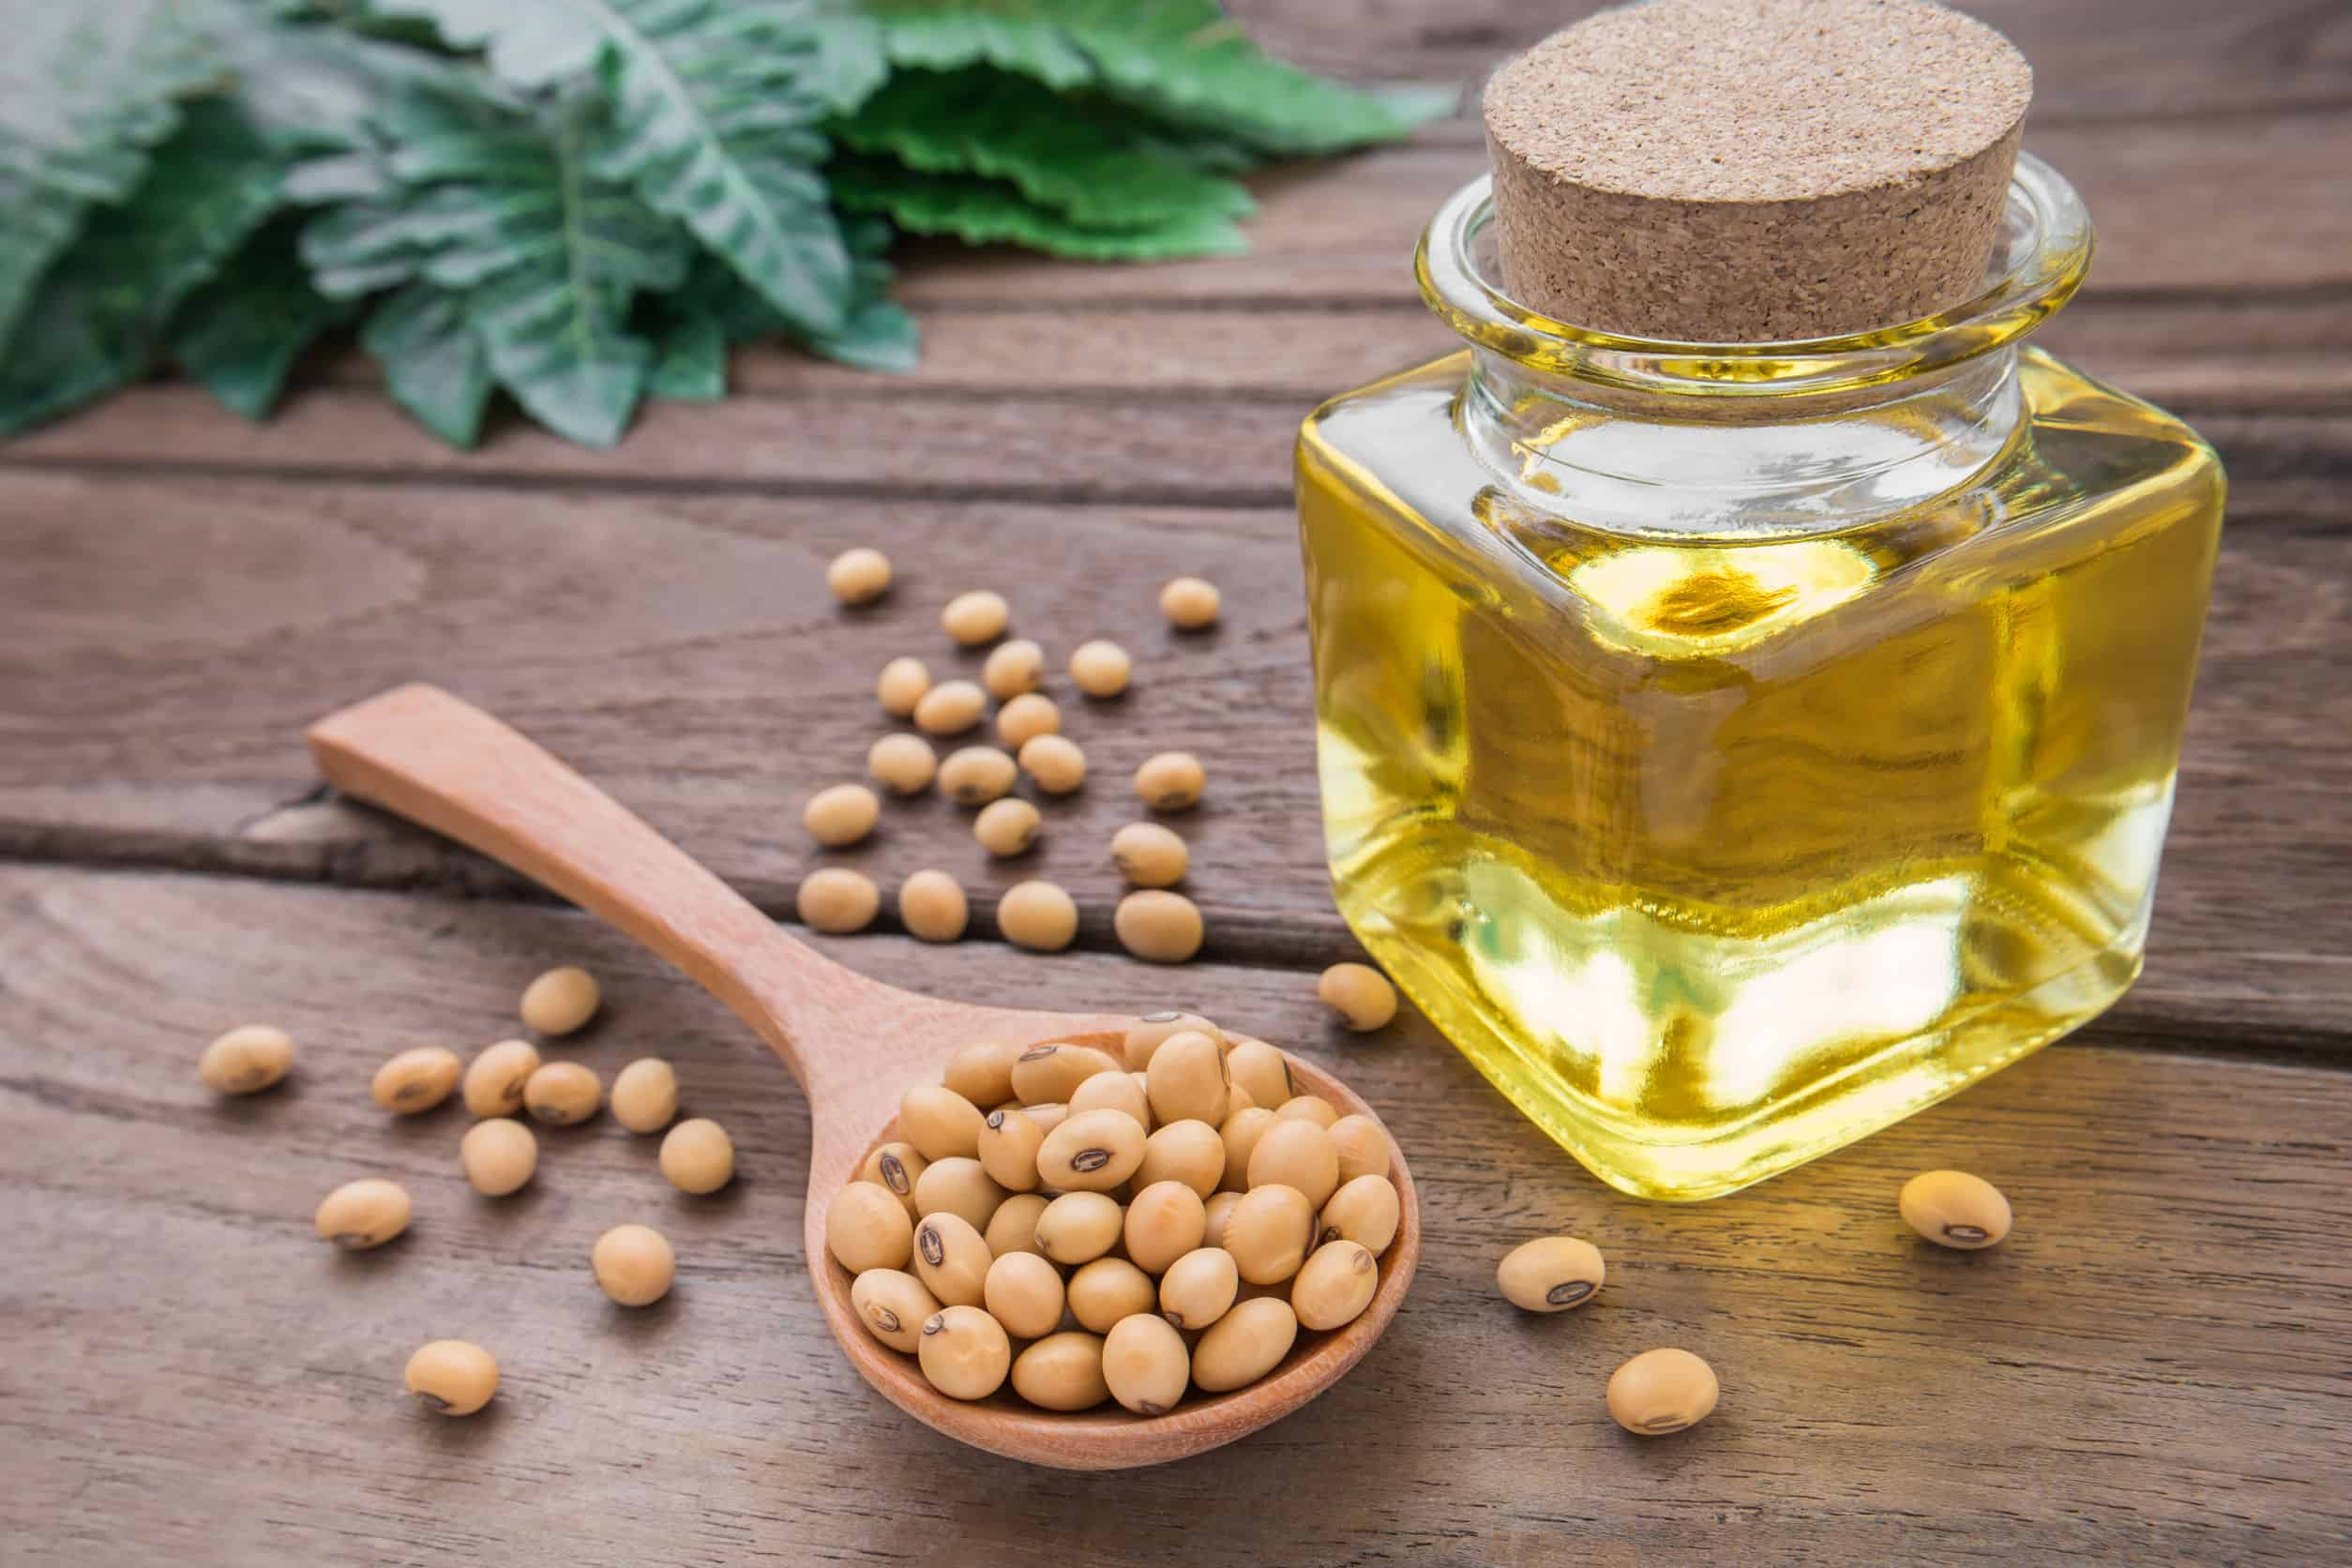 Maior procura e oferta limitada deixam óleo de soja mais caro - Portal  Macaúba